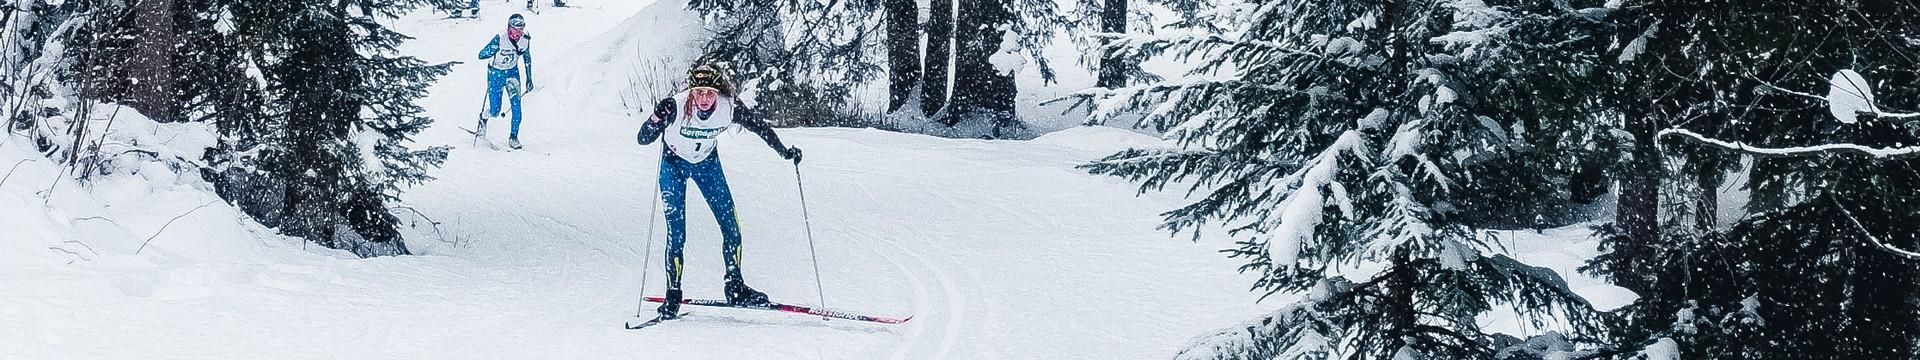 ski-de-fond-03-8780